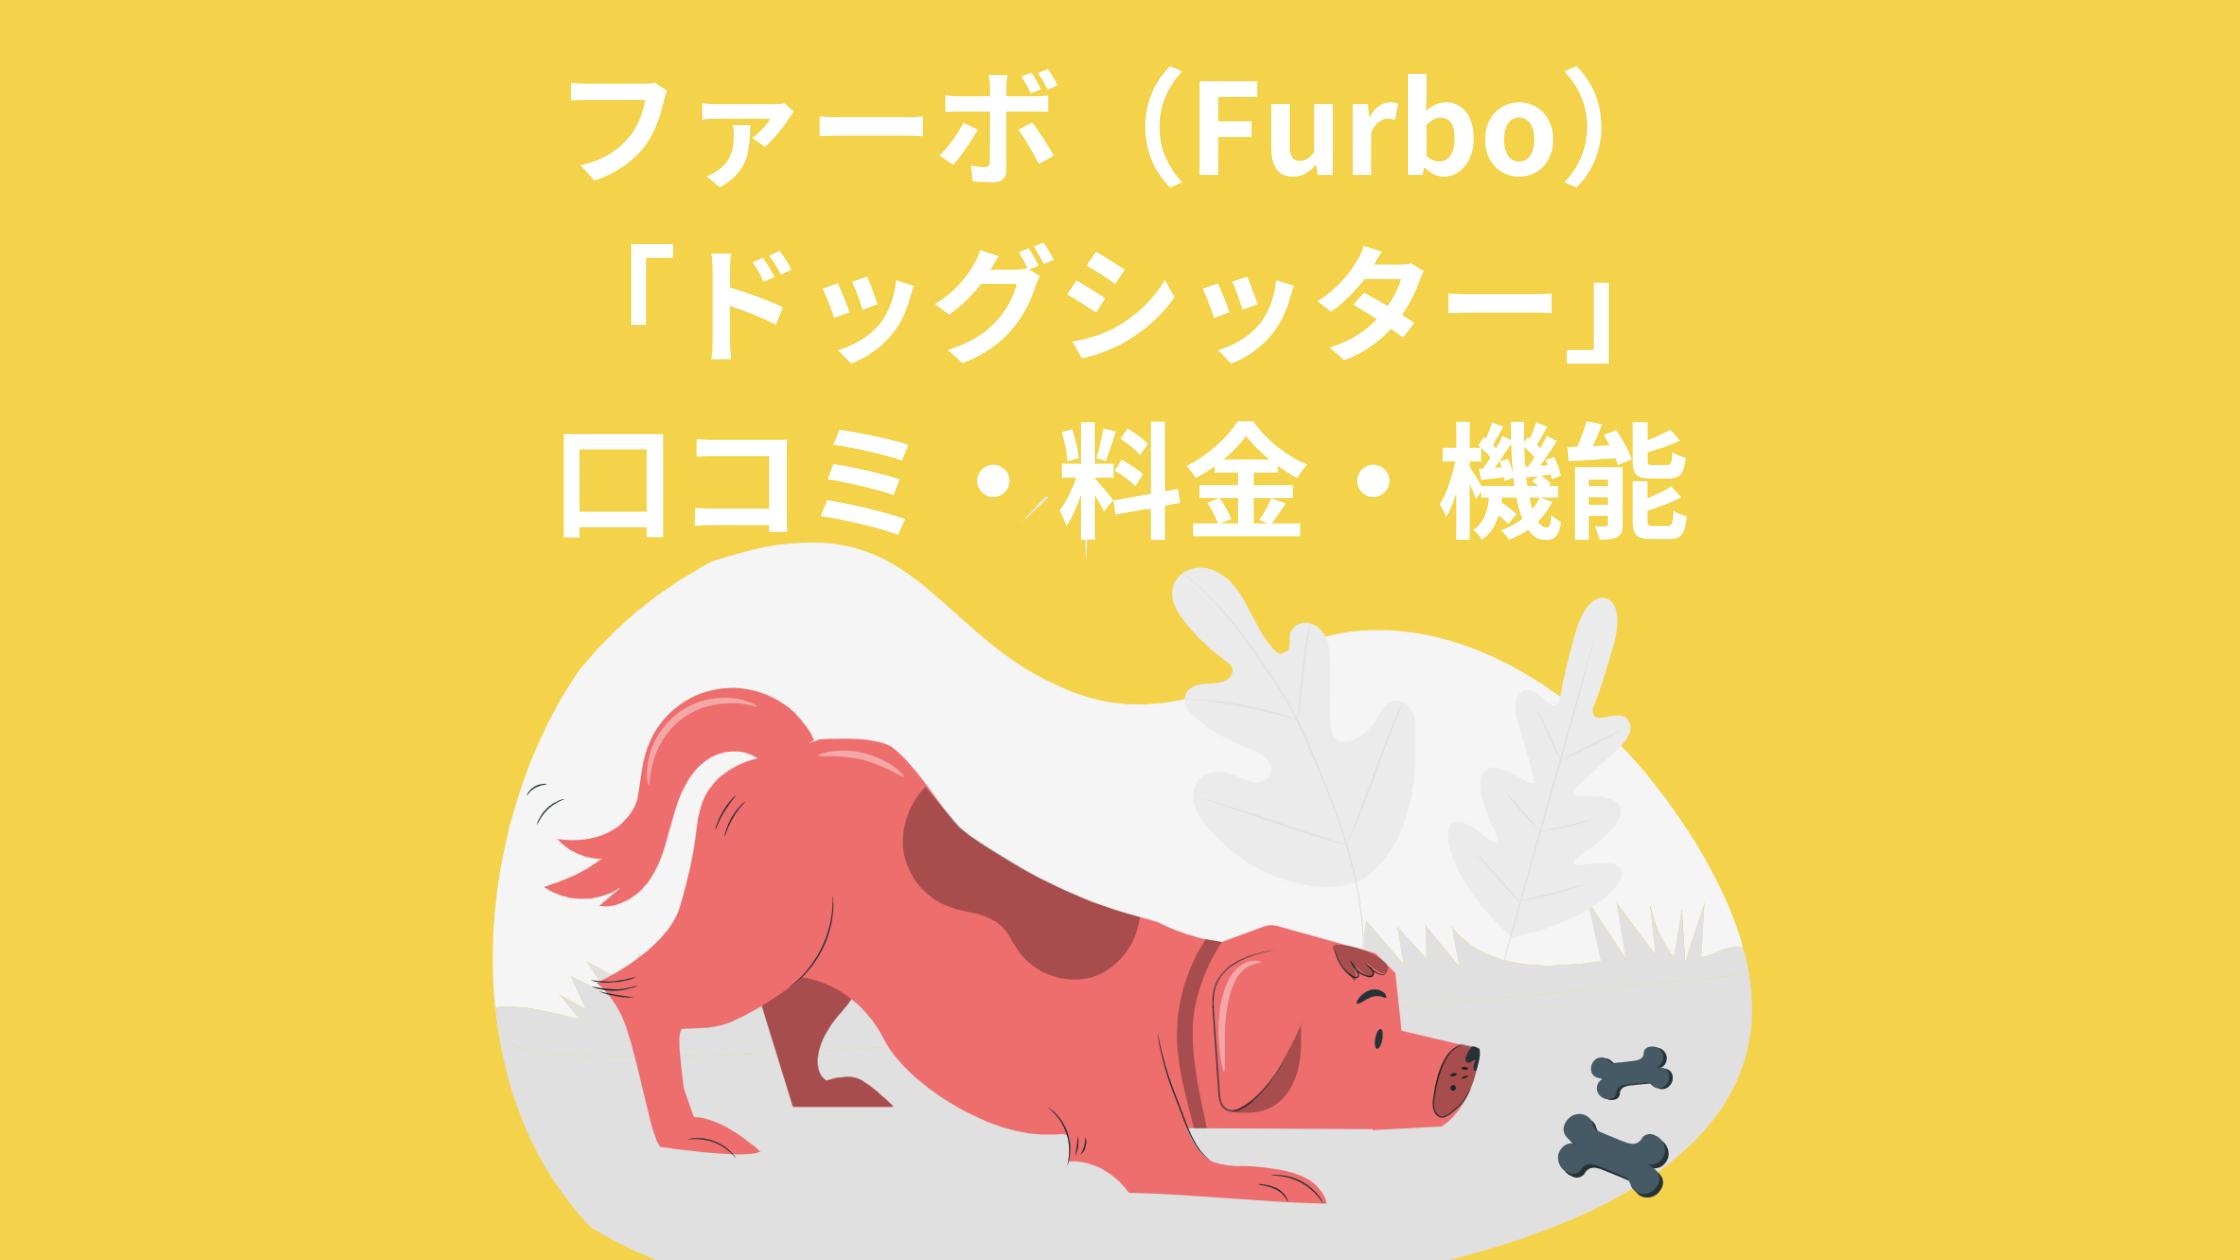 ファーボ(Furbo) 「ドッグシッター」 口コミ・料金・機能